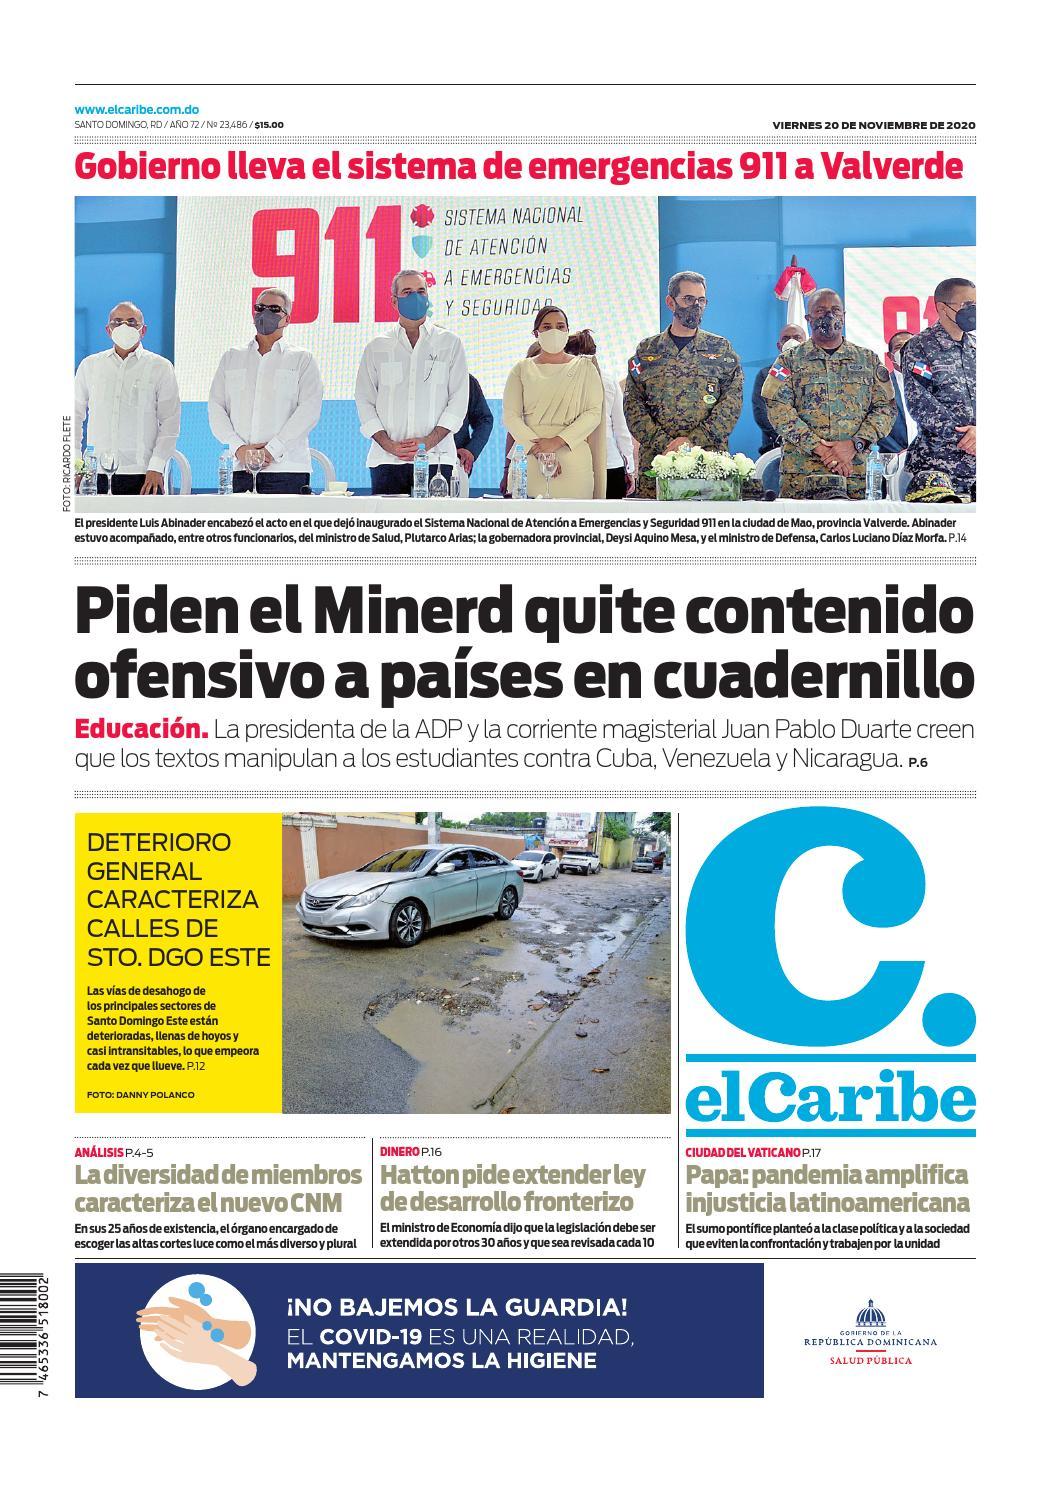 Portada Periódico El Caribe, Viernes 20 de Noviembre, 2020